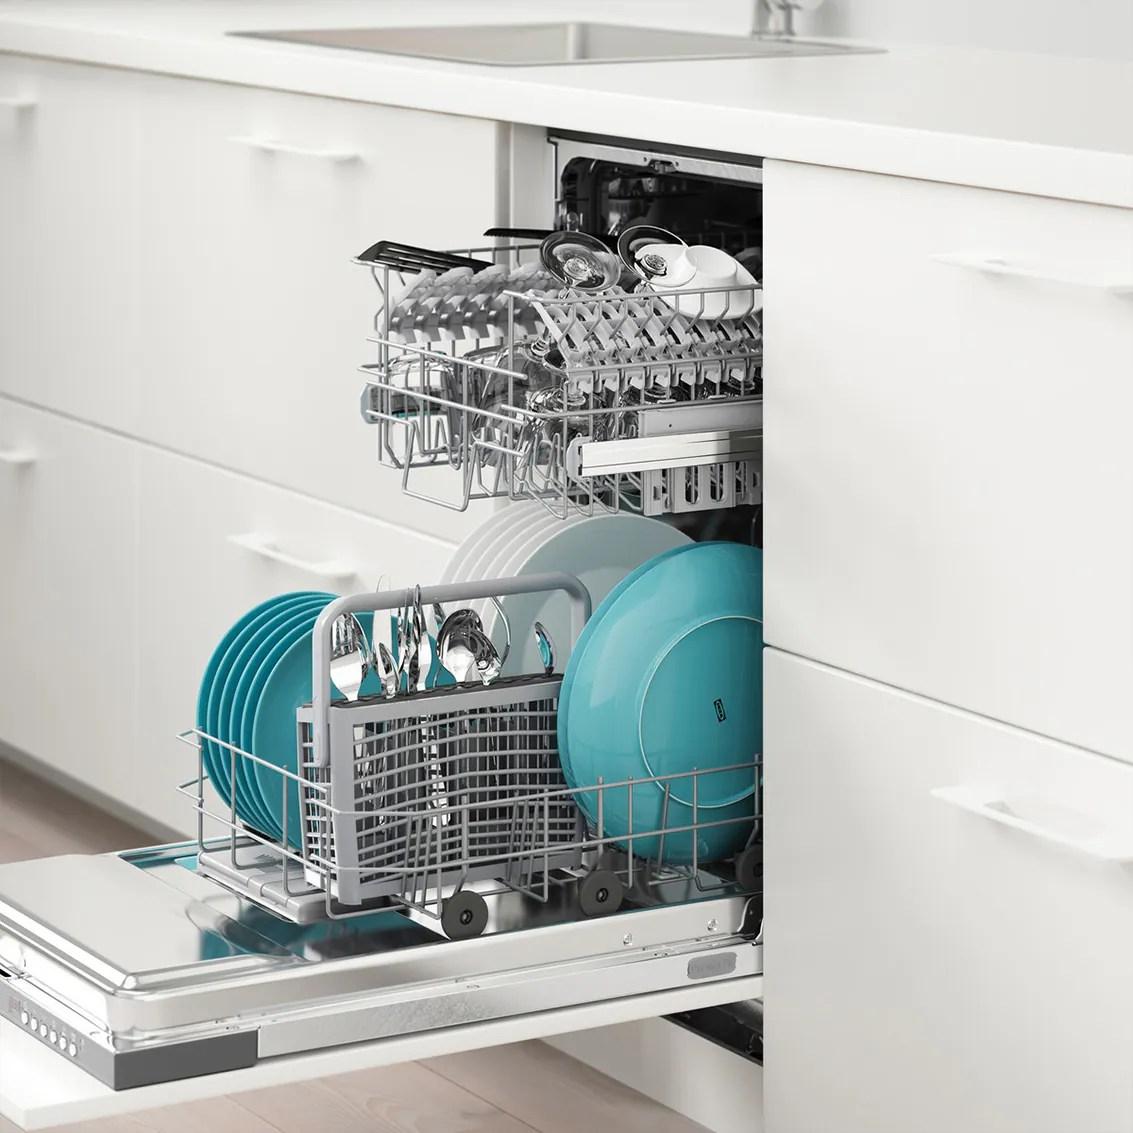 comment choisir son lave vaisselle ikea